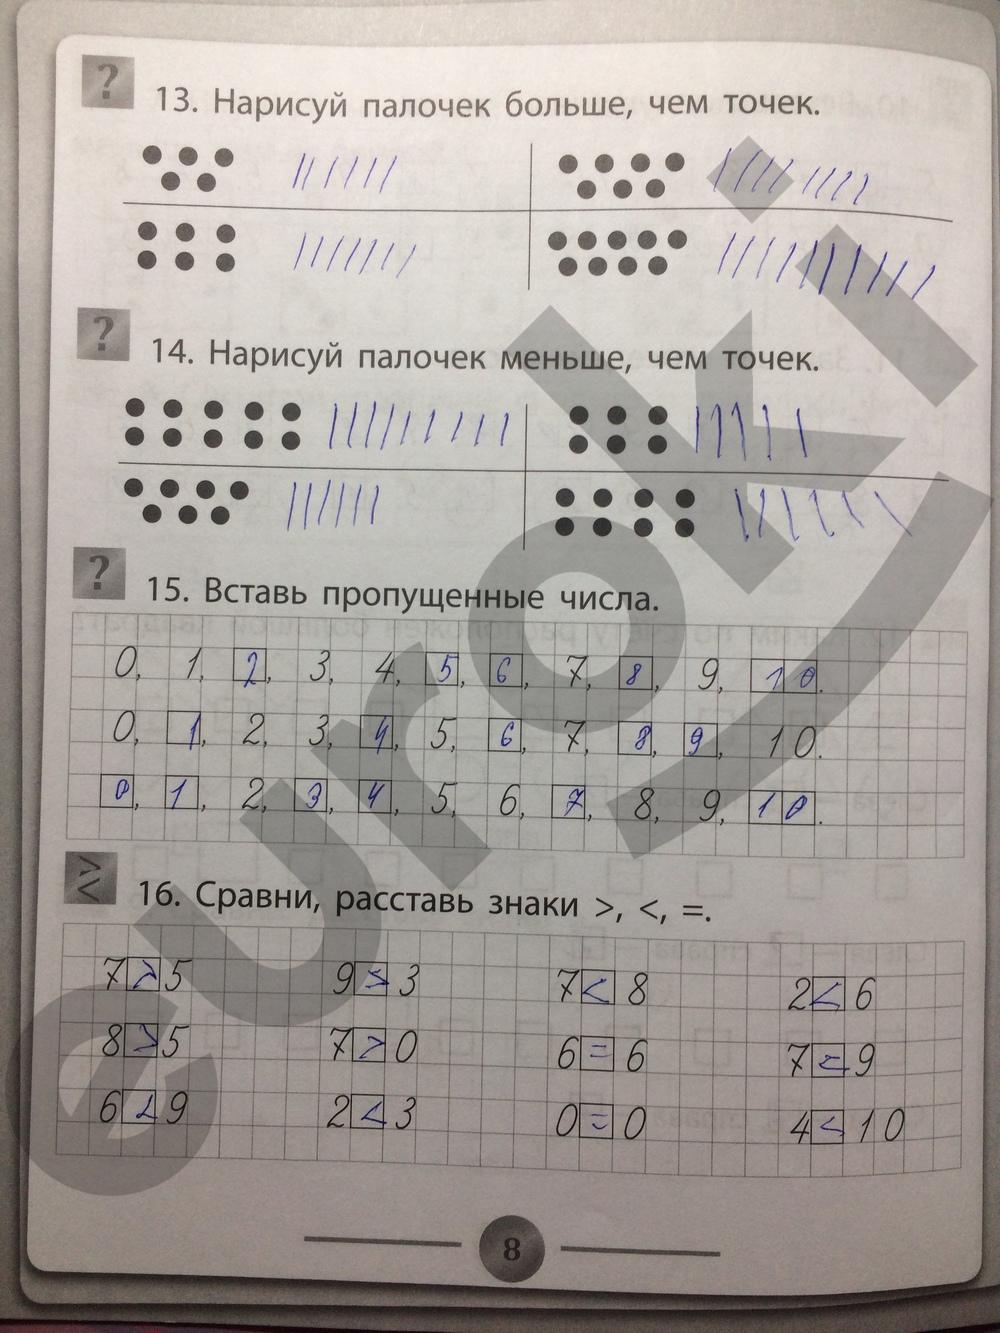 ГДЗ по математике 1 класс тетрадь тренажёр Губка. Задание: стр. 8